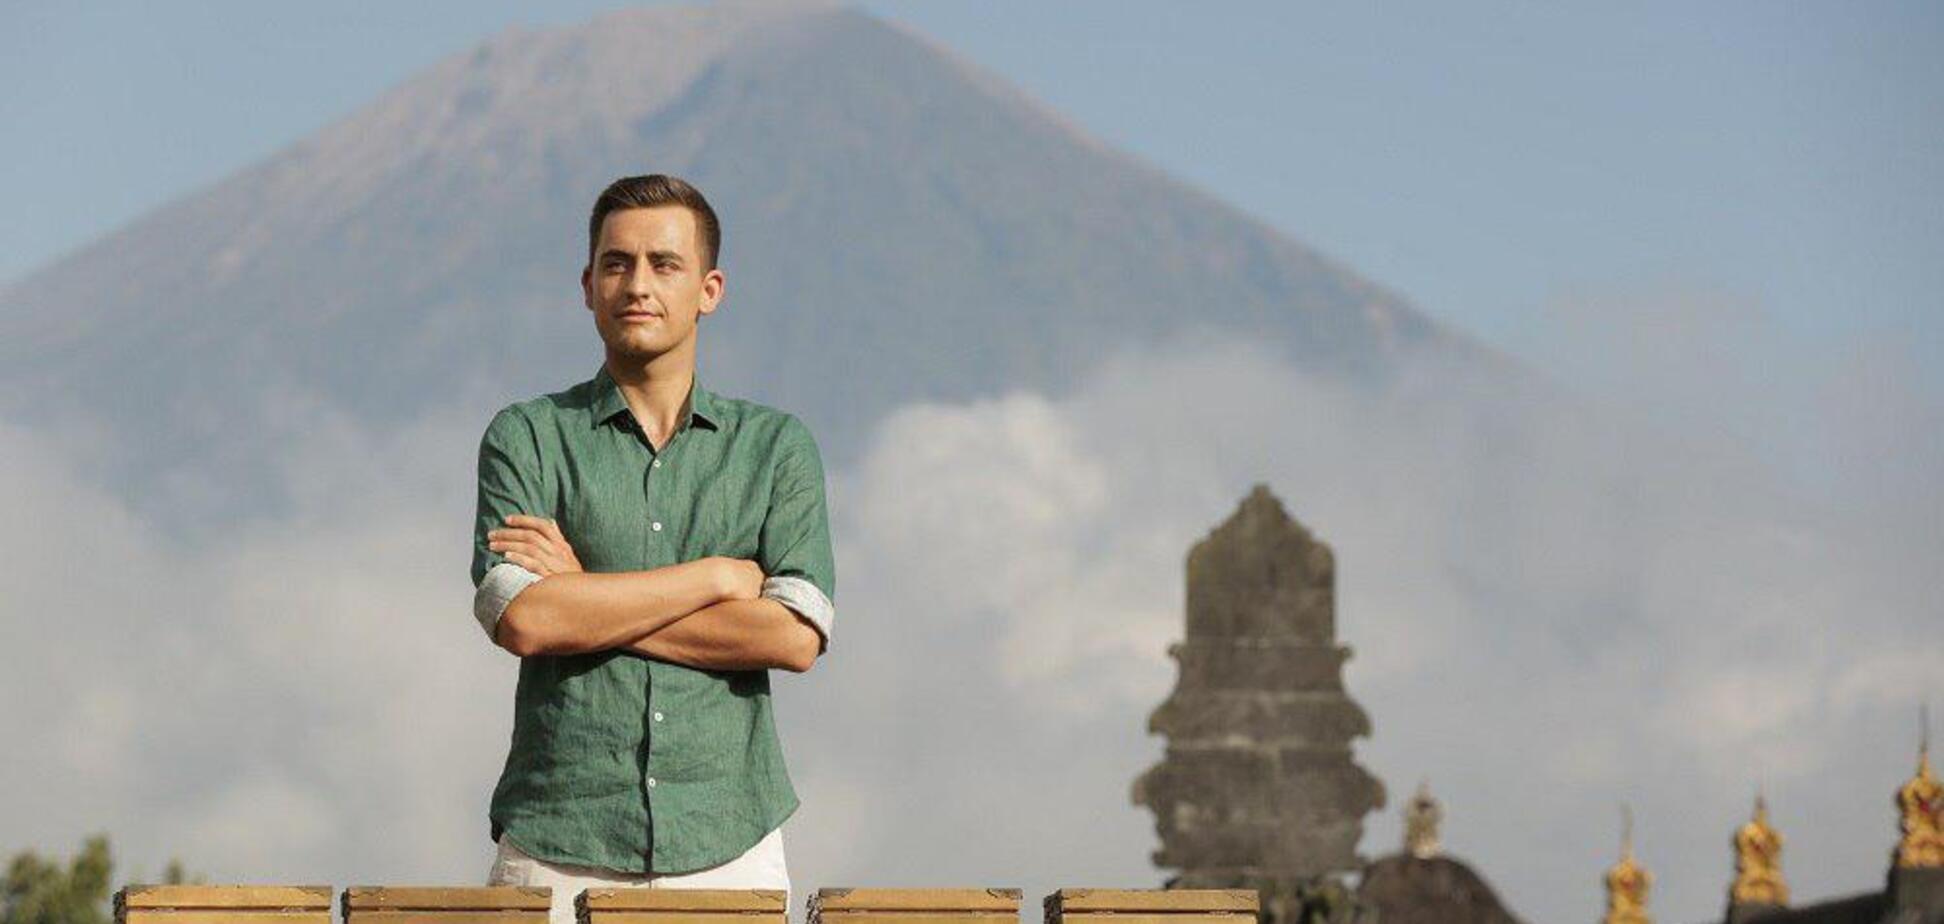 Випробування мавпами і смертоносний вулкан: чим зайнятися в Індонезії